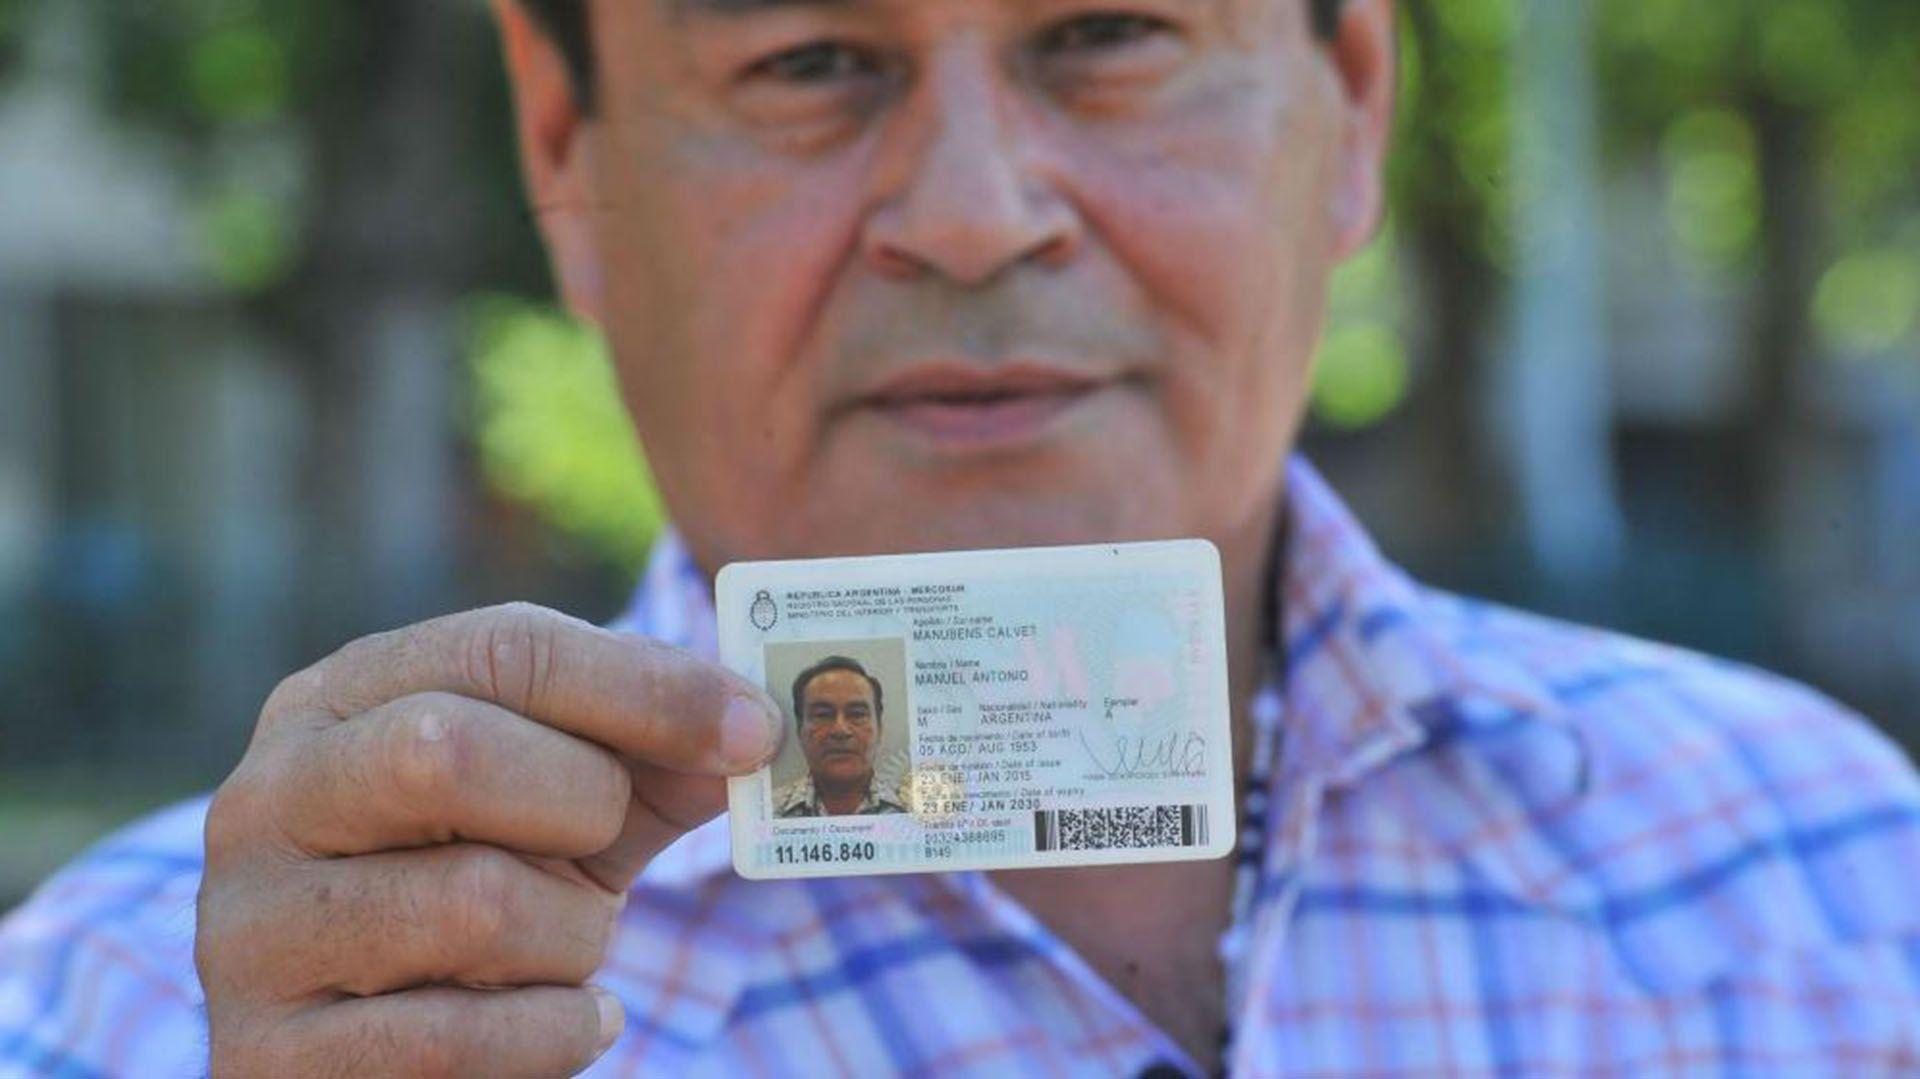 Manuel Antonio Maidana, con su nuevo documento como Manubens Calvet. Siempre dijo que era su hijo, pero nunca se acreditó